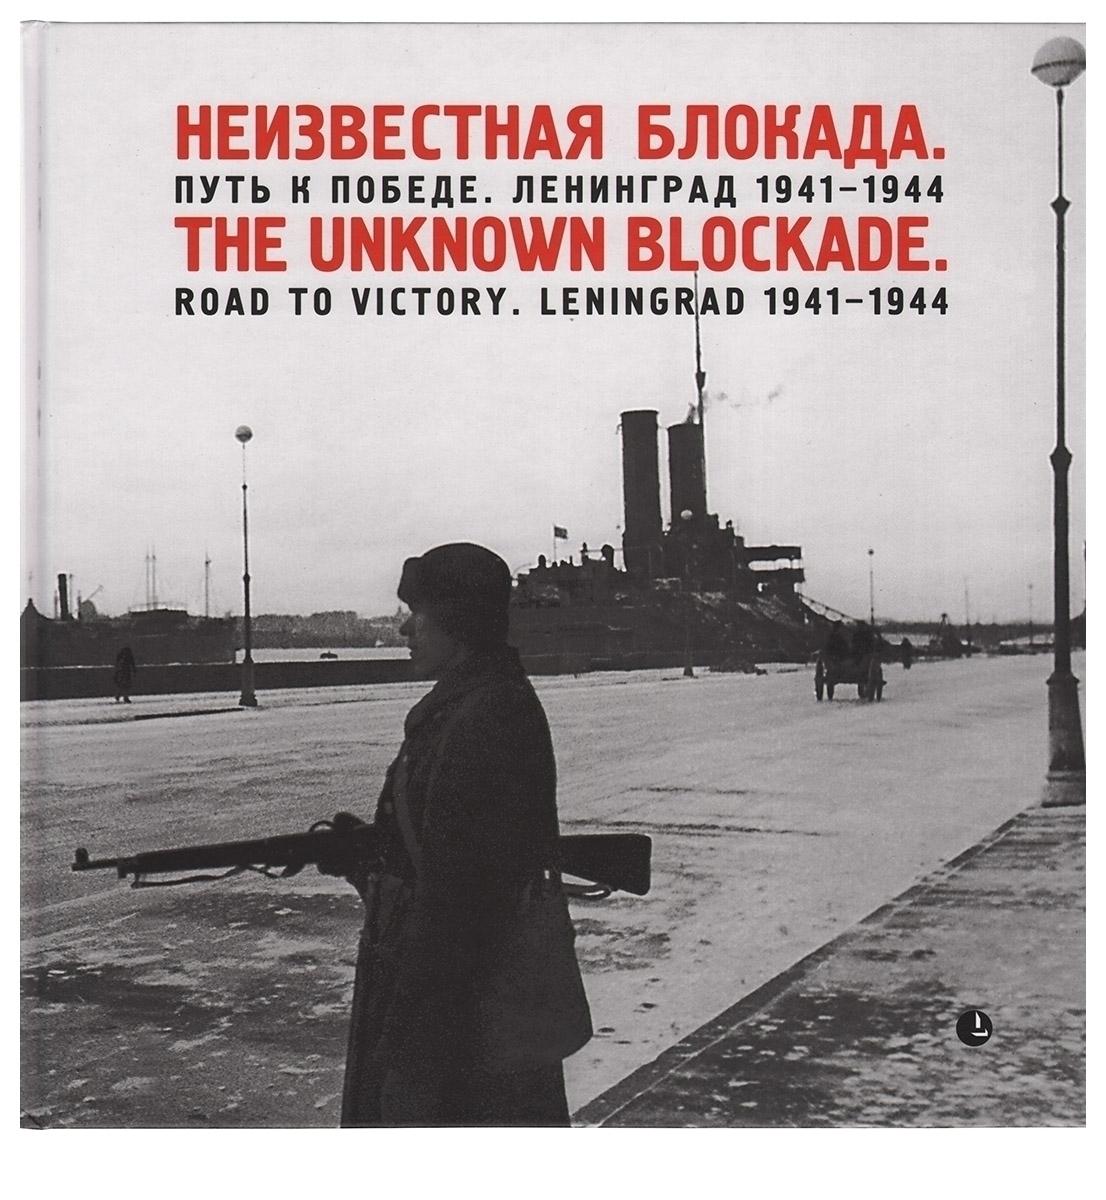 Неизвестная блокада. Путь к победе. Ленинград 1941-1944.